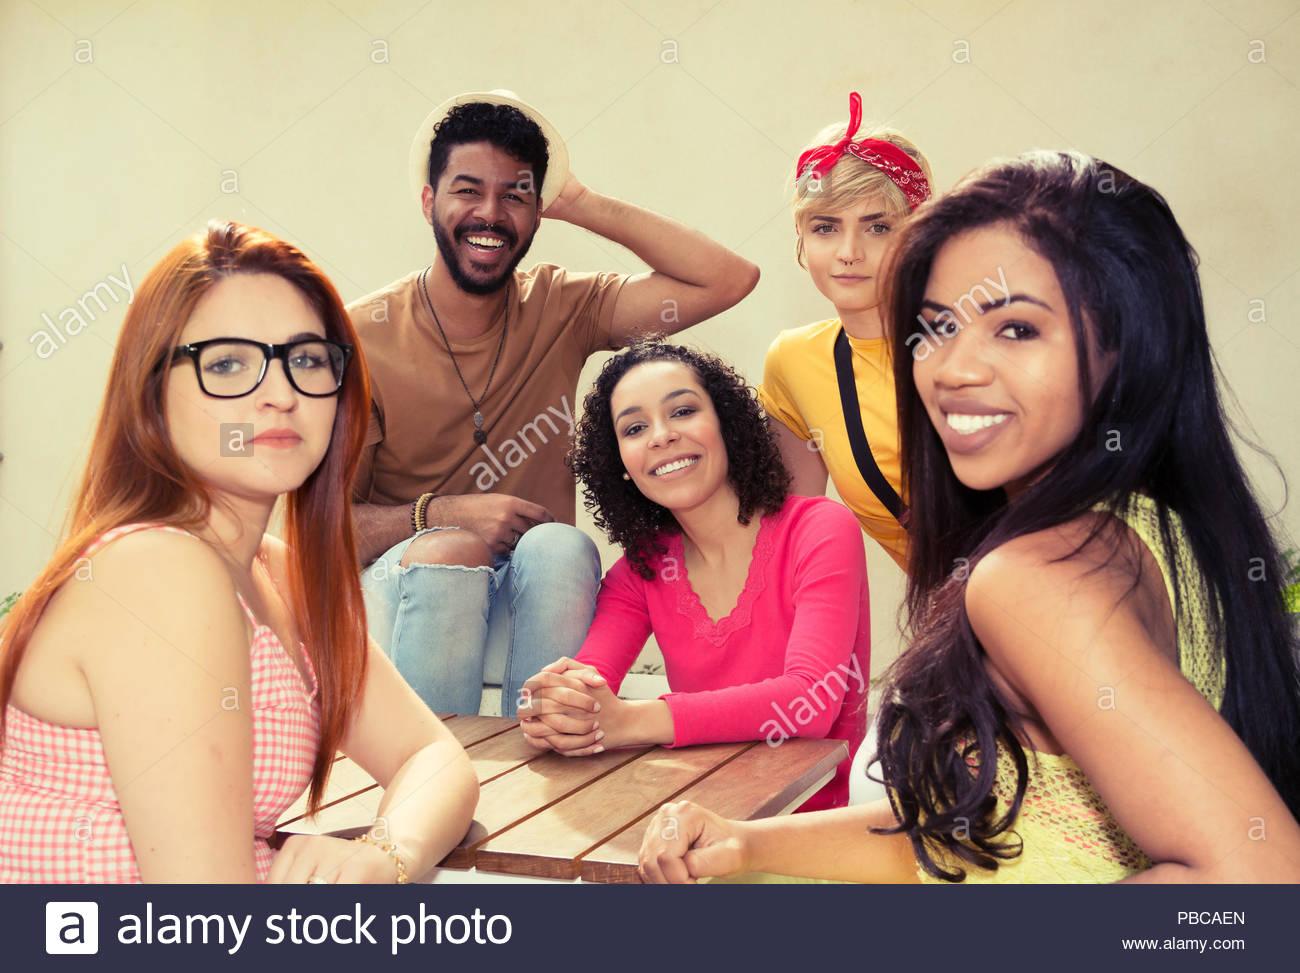 Ritratto di giovani adulti aventi un grande tempo presso il cafe bar all'aperto. Gli studenti multiculturale di incollaggio nel ristorante esterno. Estate, caldo, amicizia, dive Immagini Stock